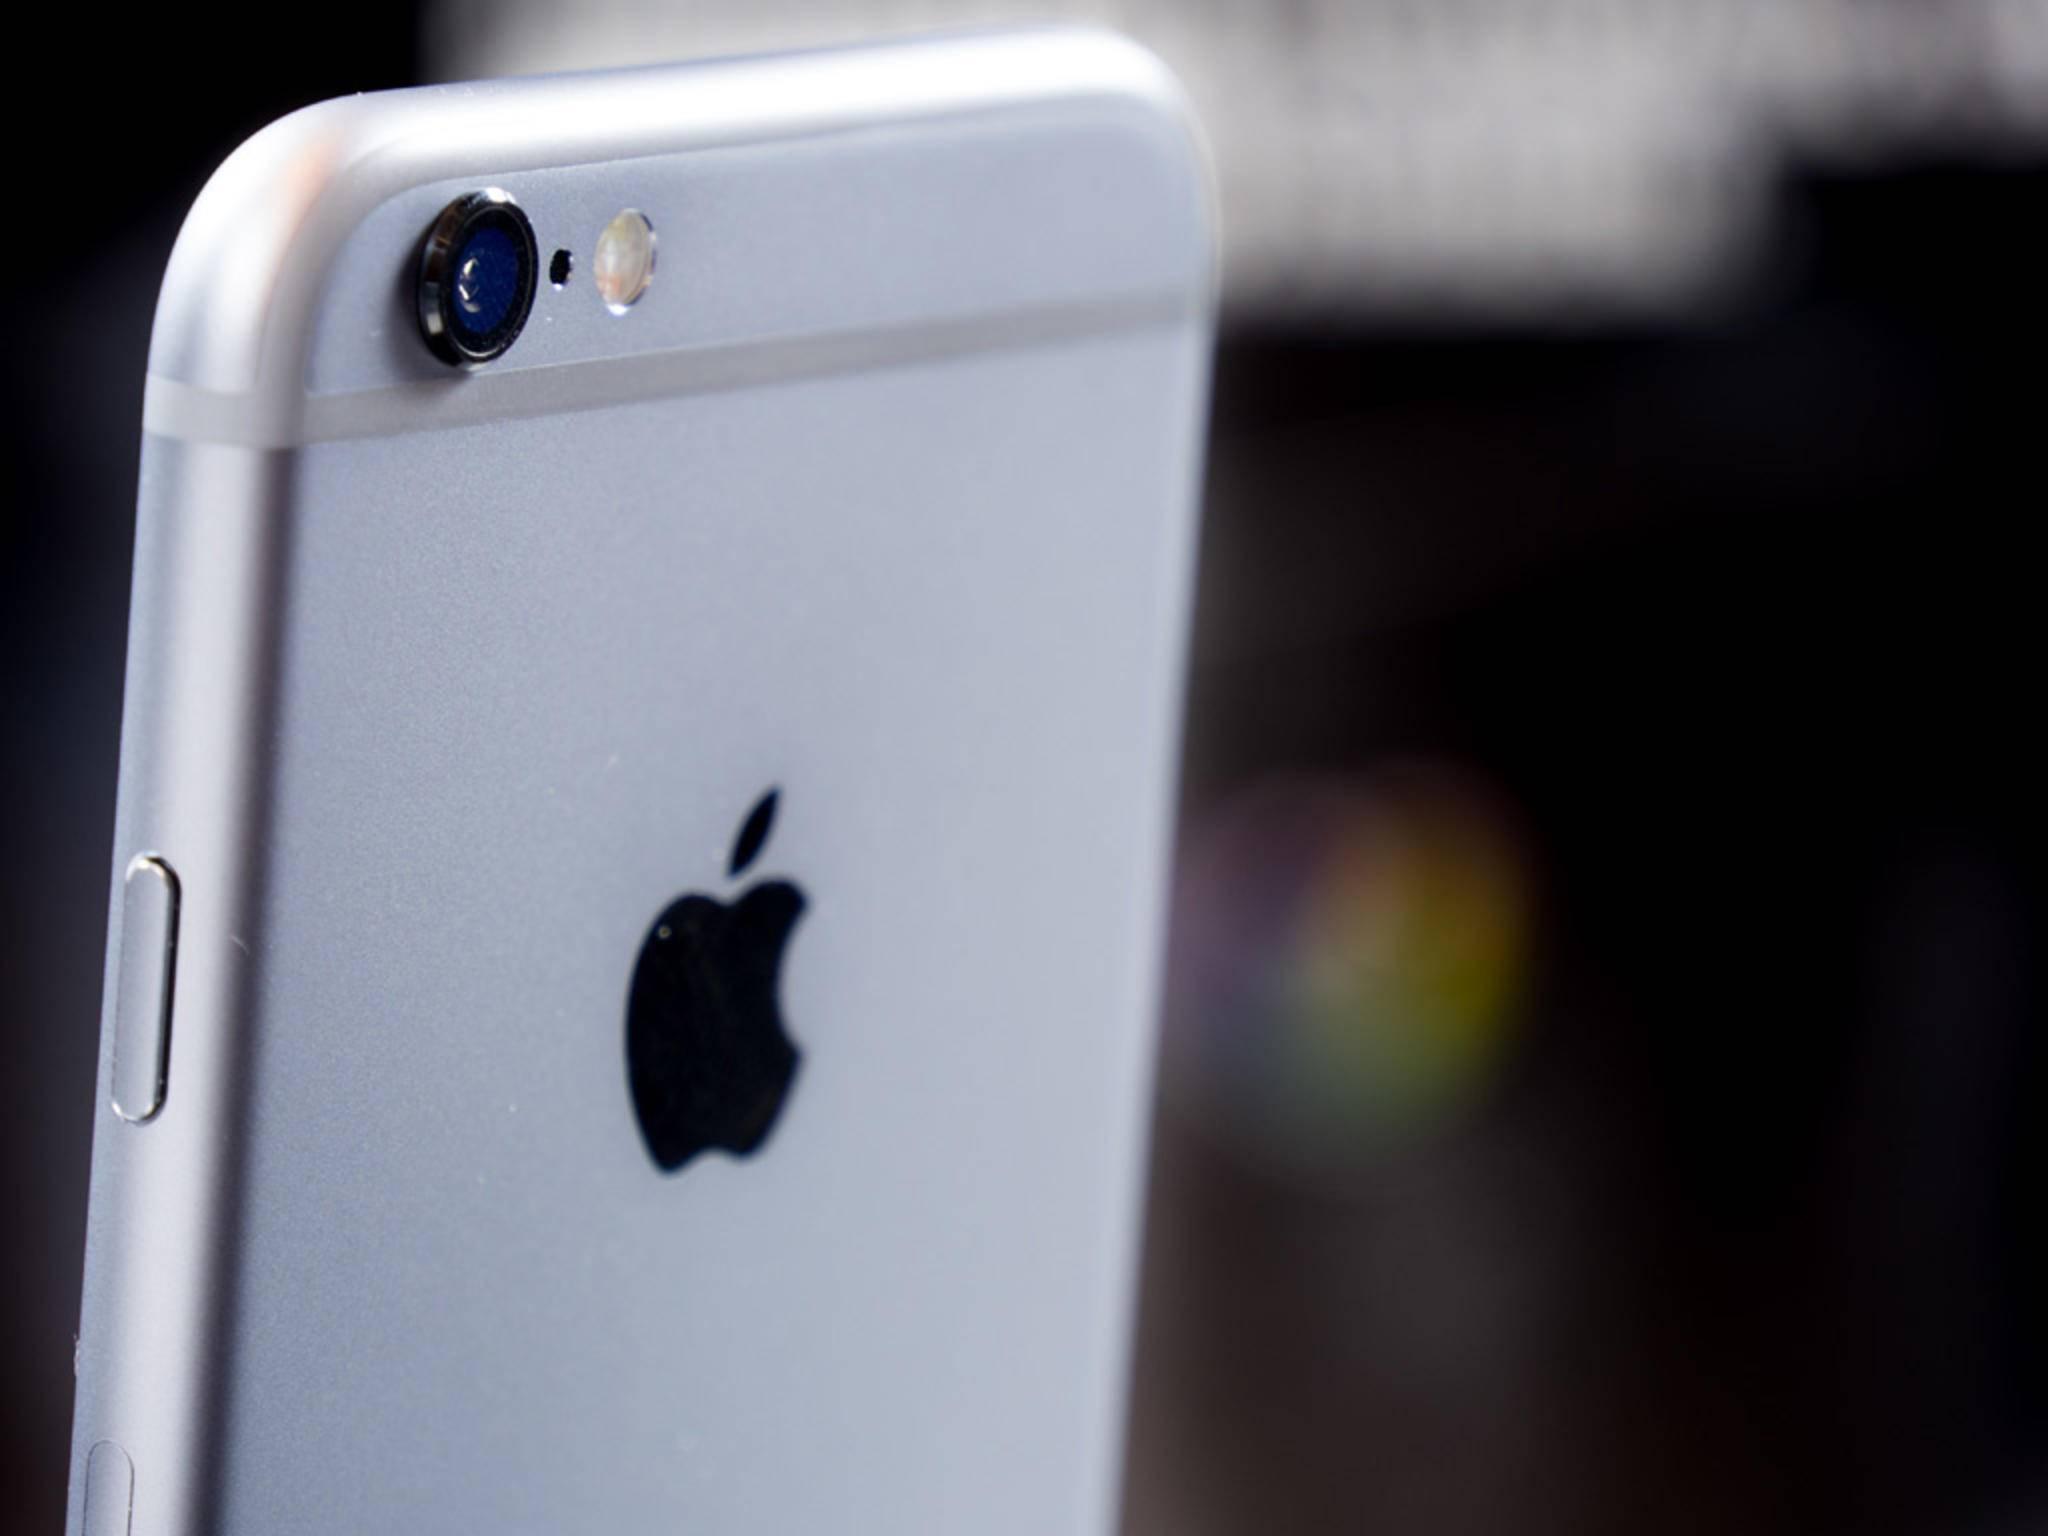 Künftige iPhones könnten auf eine Dual-Kamera setzen.